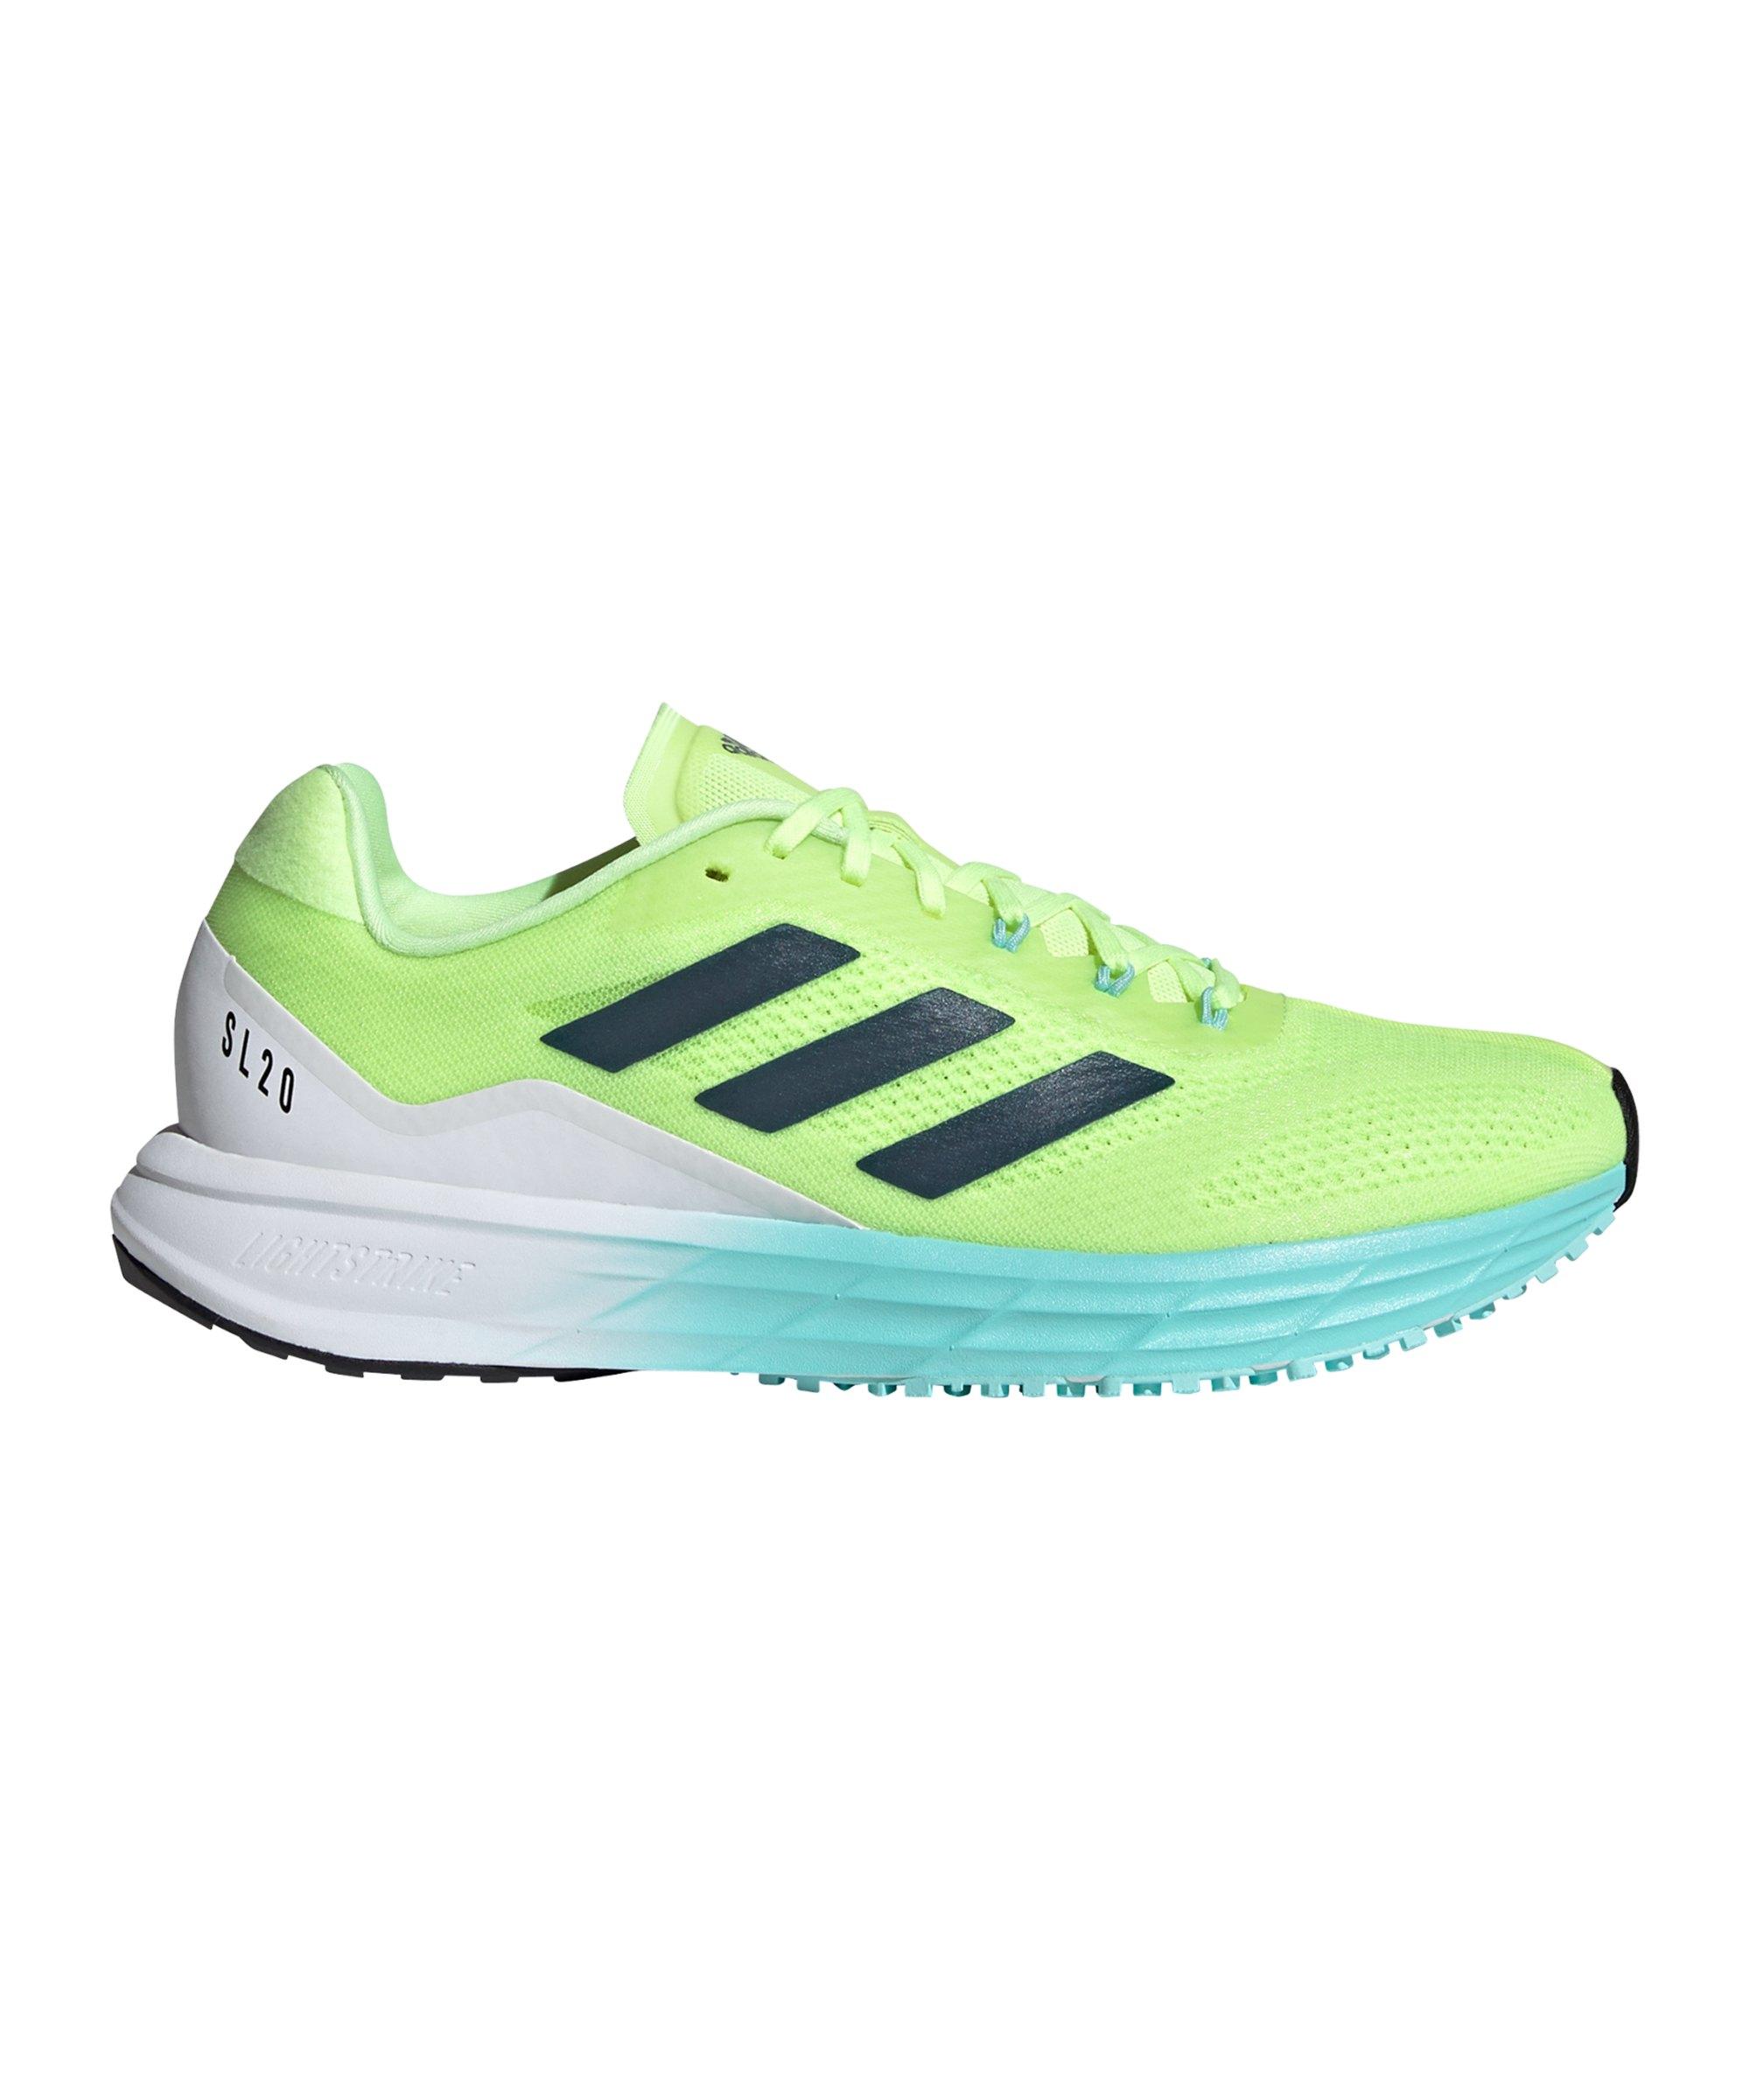 adidas SL20.2 Running Damen Gelb Blau - gelb